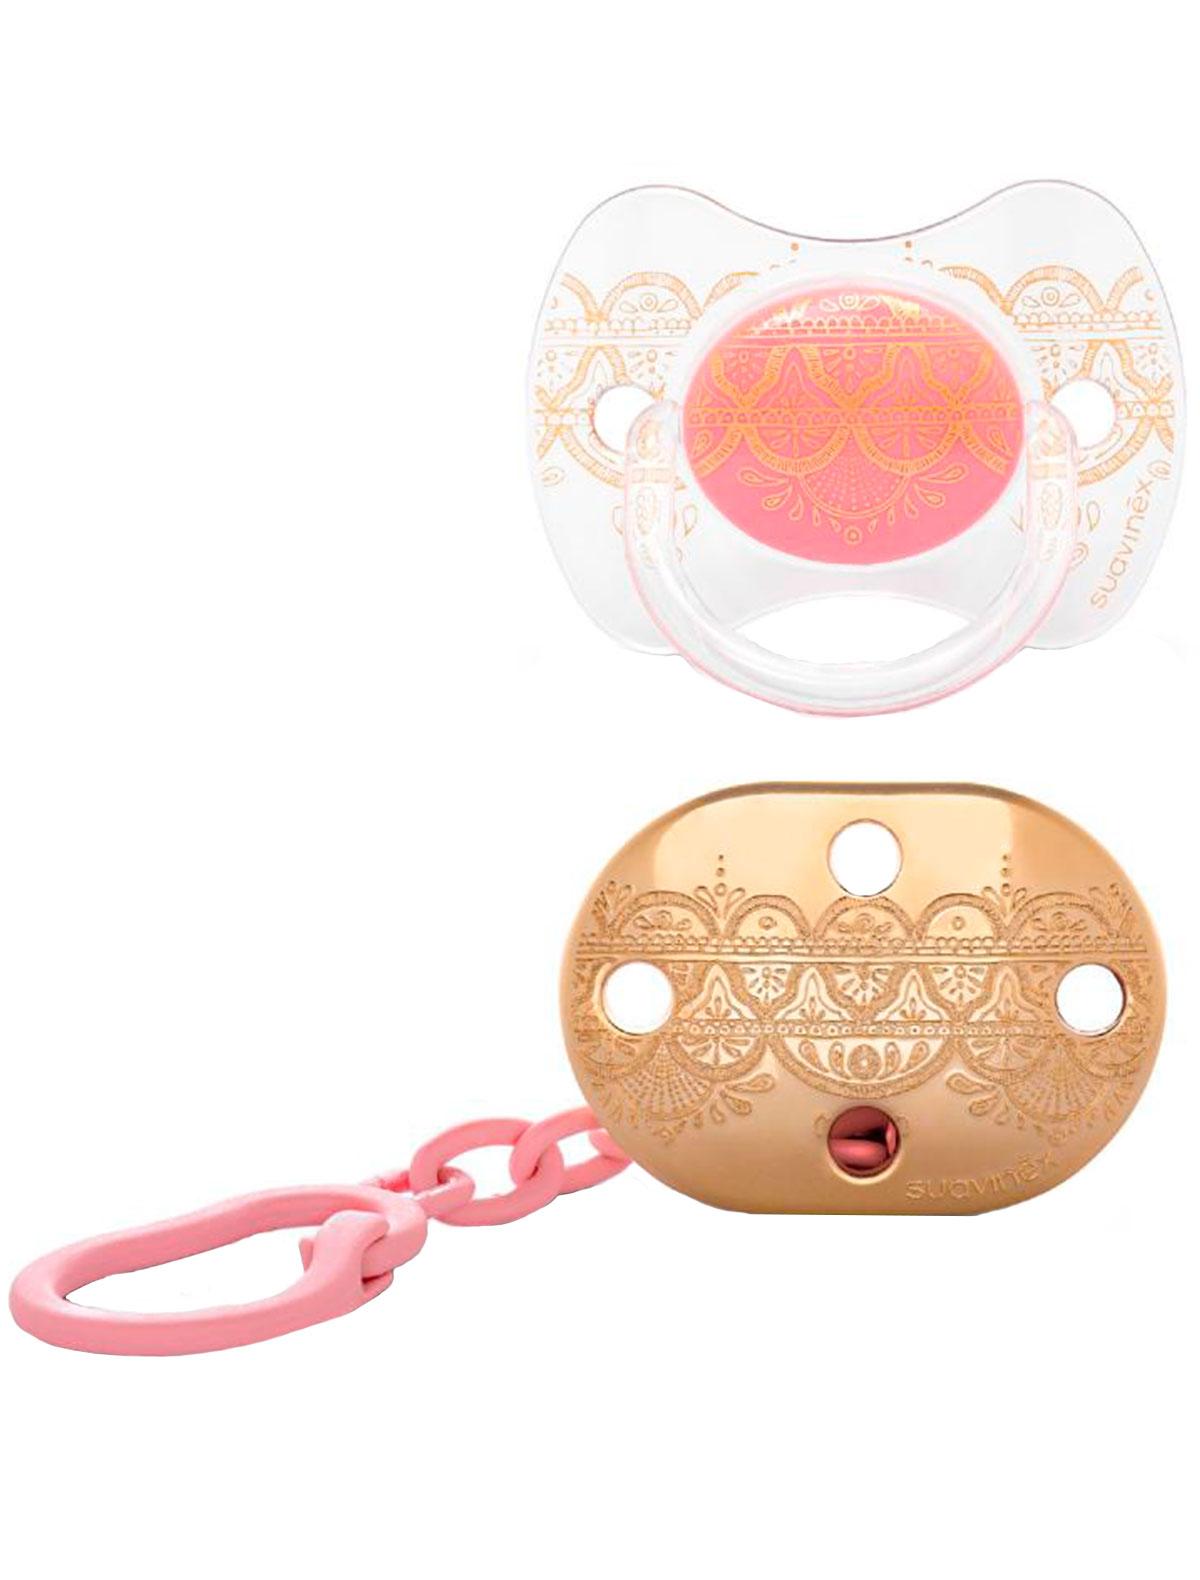 2152639, Соска Suavinex, розовый, 5102620070199  - купить со скидкой